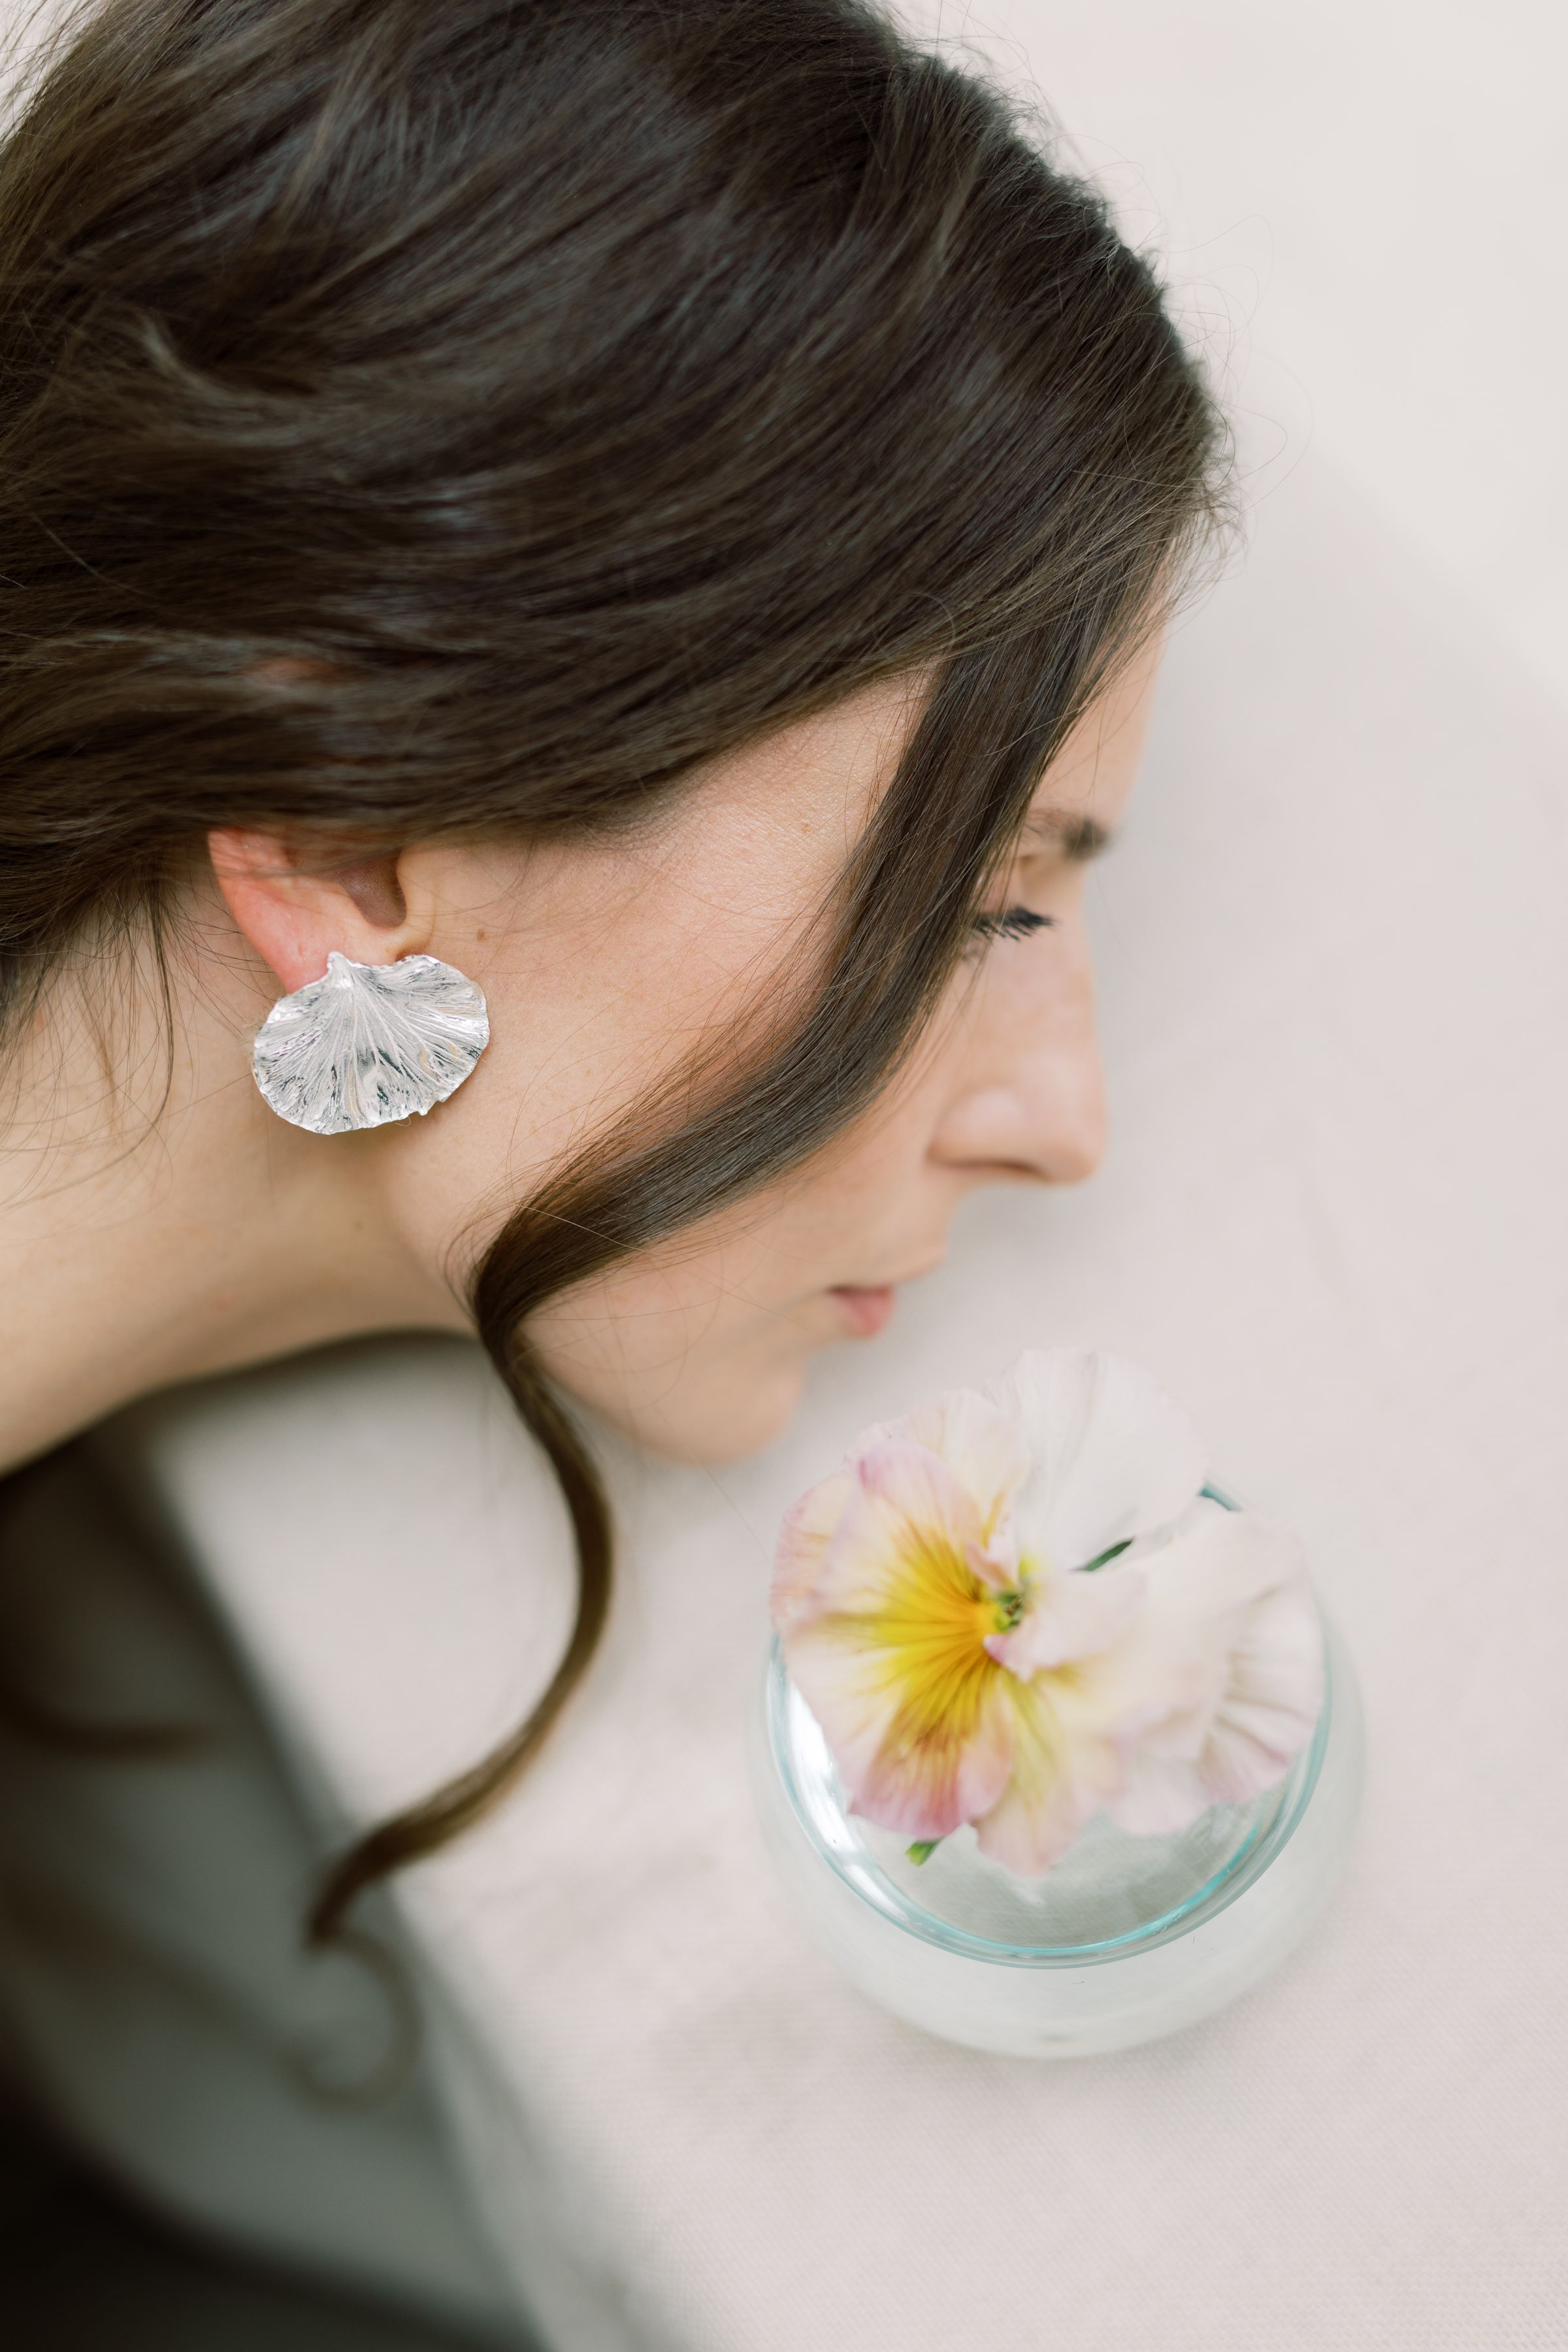 The Galene earring handmade Sterling Silver earrings by Naturae Design.